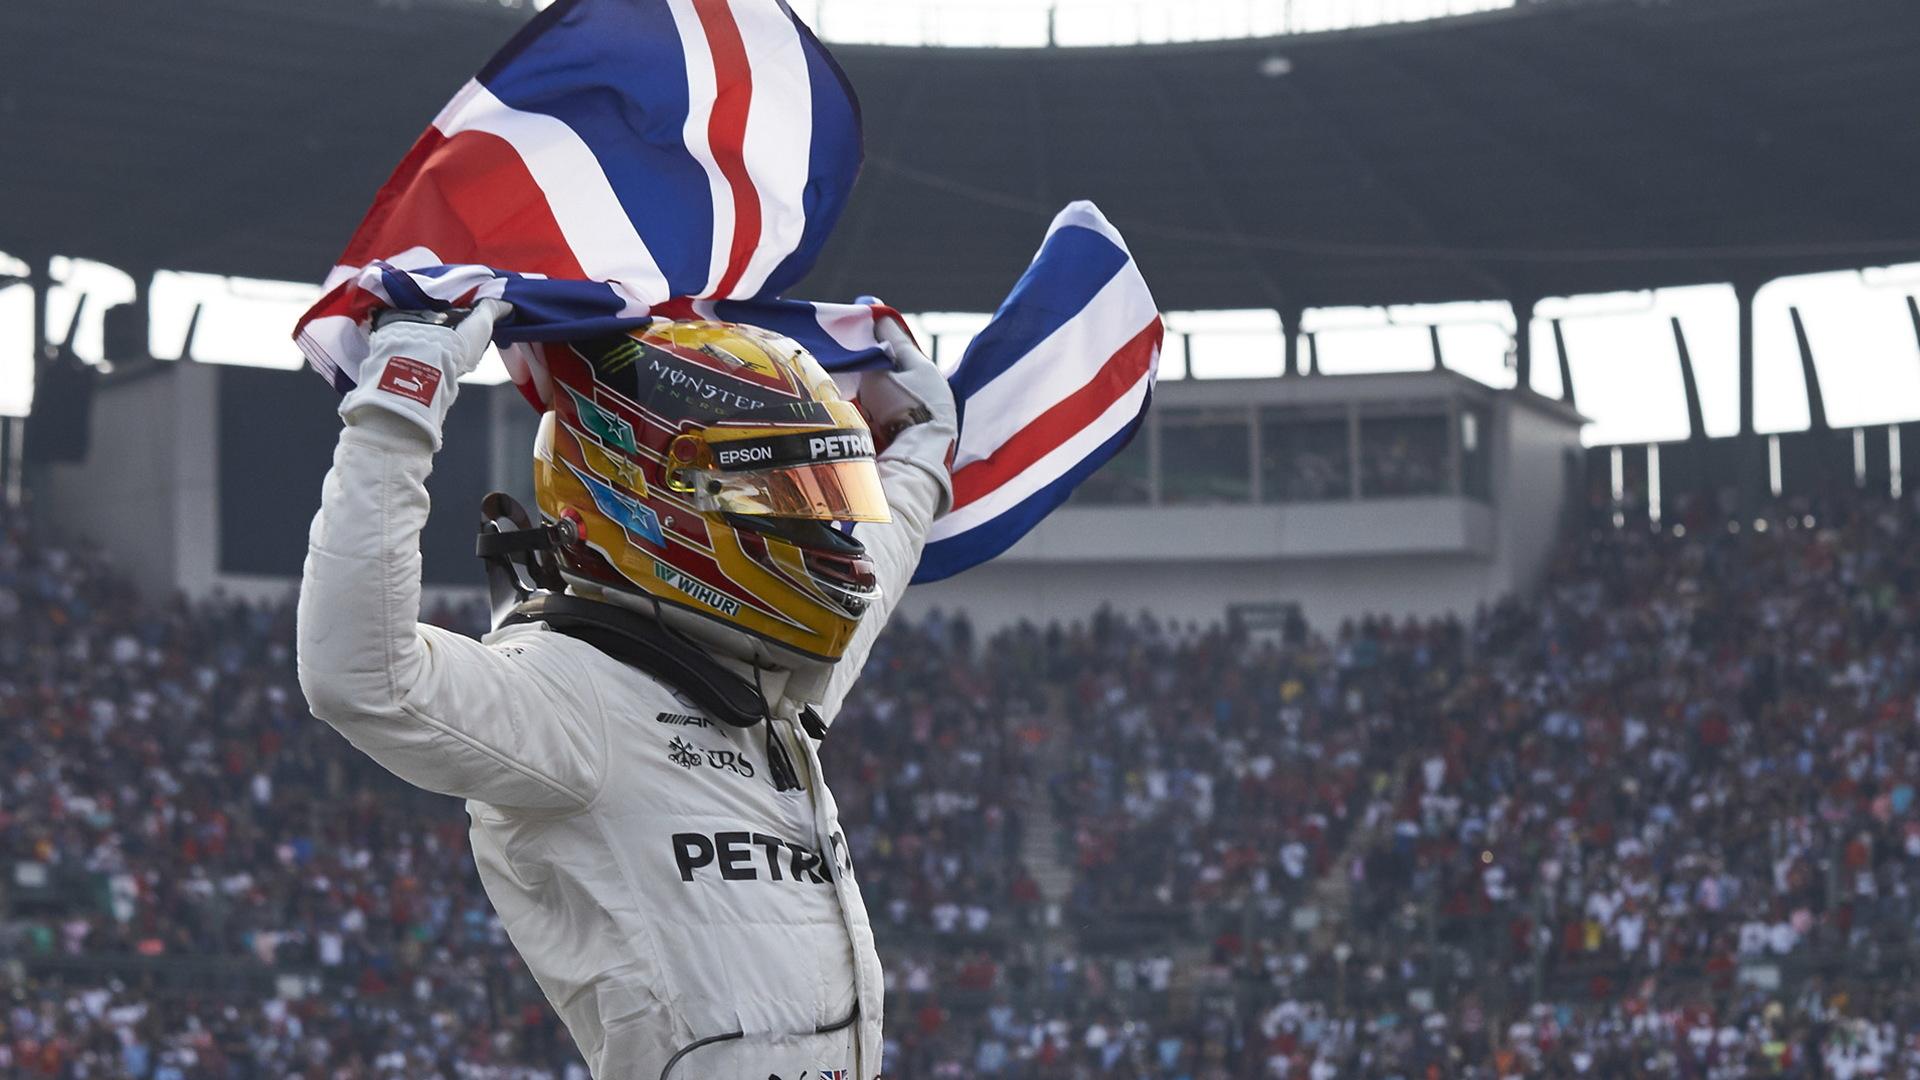 Mercedes-AMG's Lewis Hamilton at the 2017 Formula 1 Mexican Grand Prix